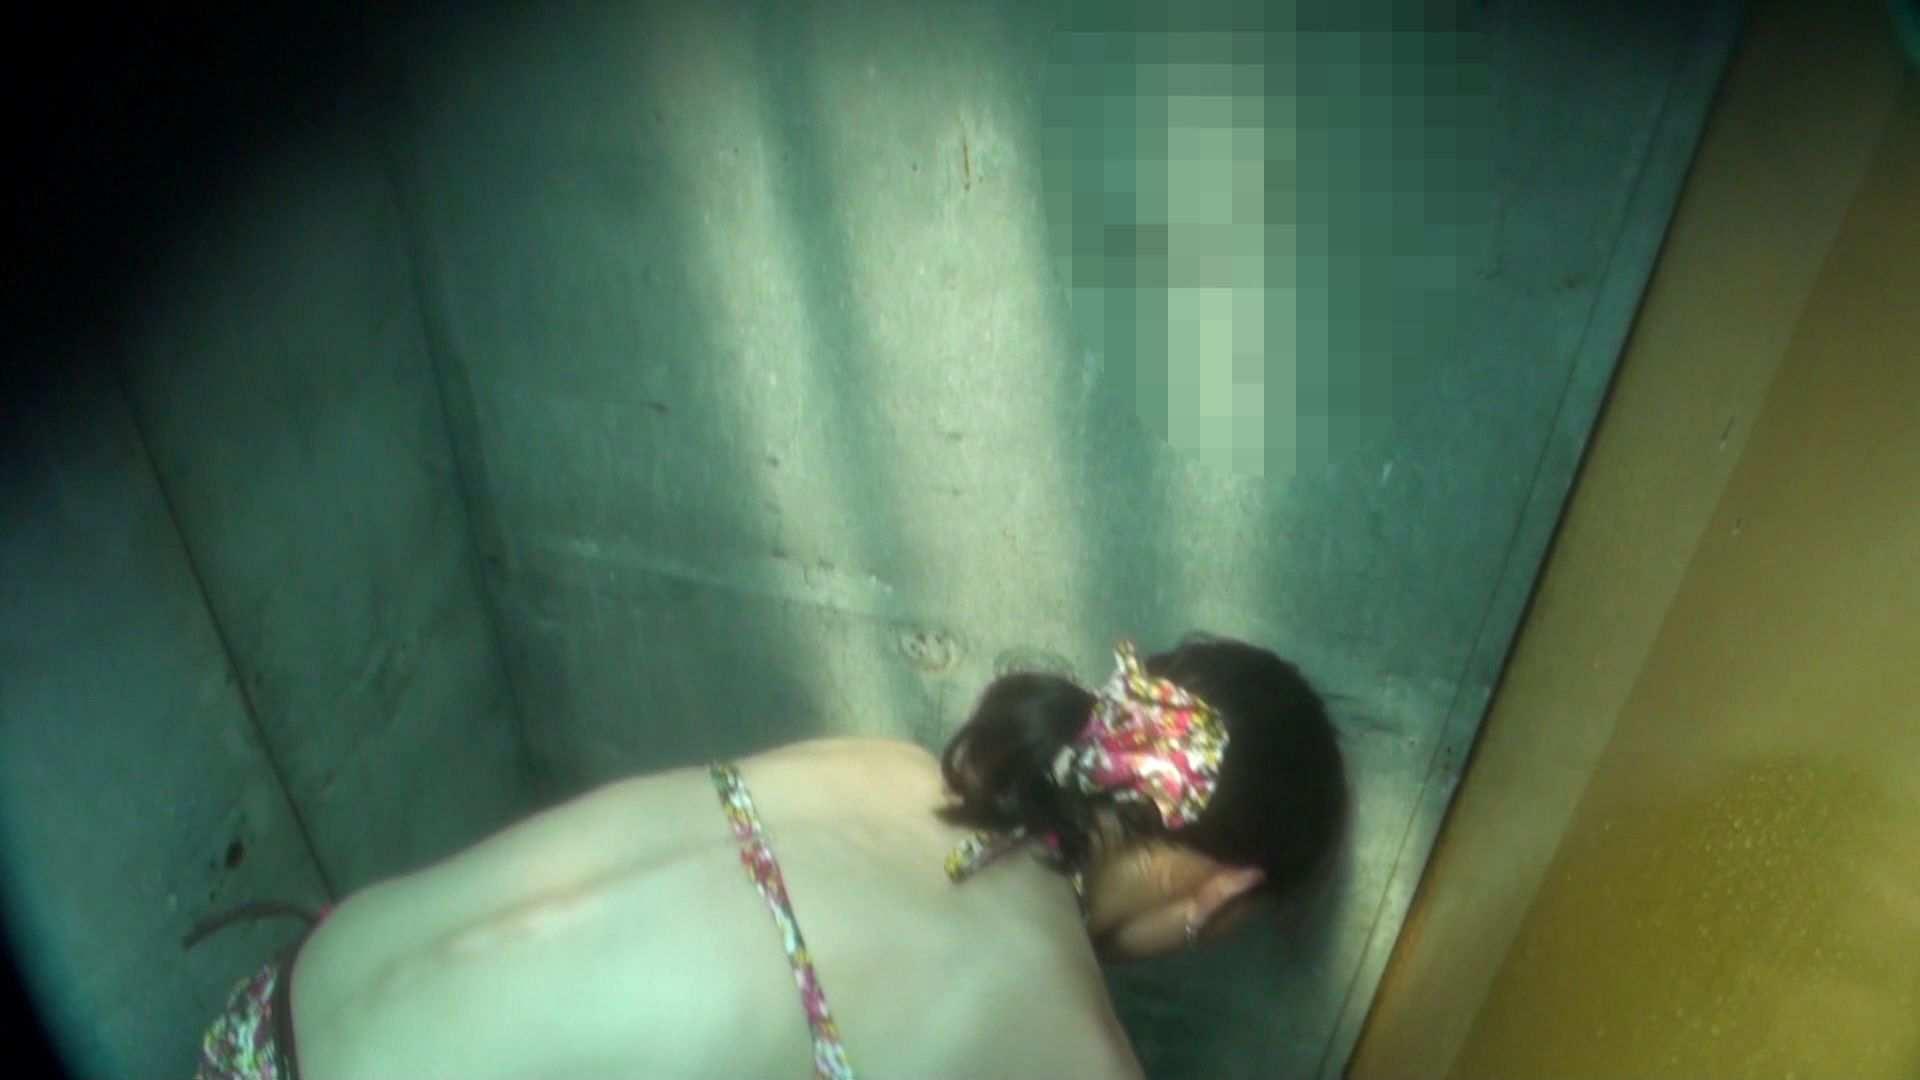 シャワールームは超!!危険な香りVol.16 意外に乳首は年増のそれ 高画質 のぞき濡れ場動画紹介 61pic 59